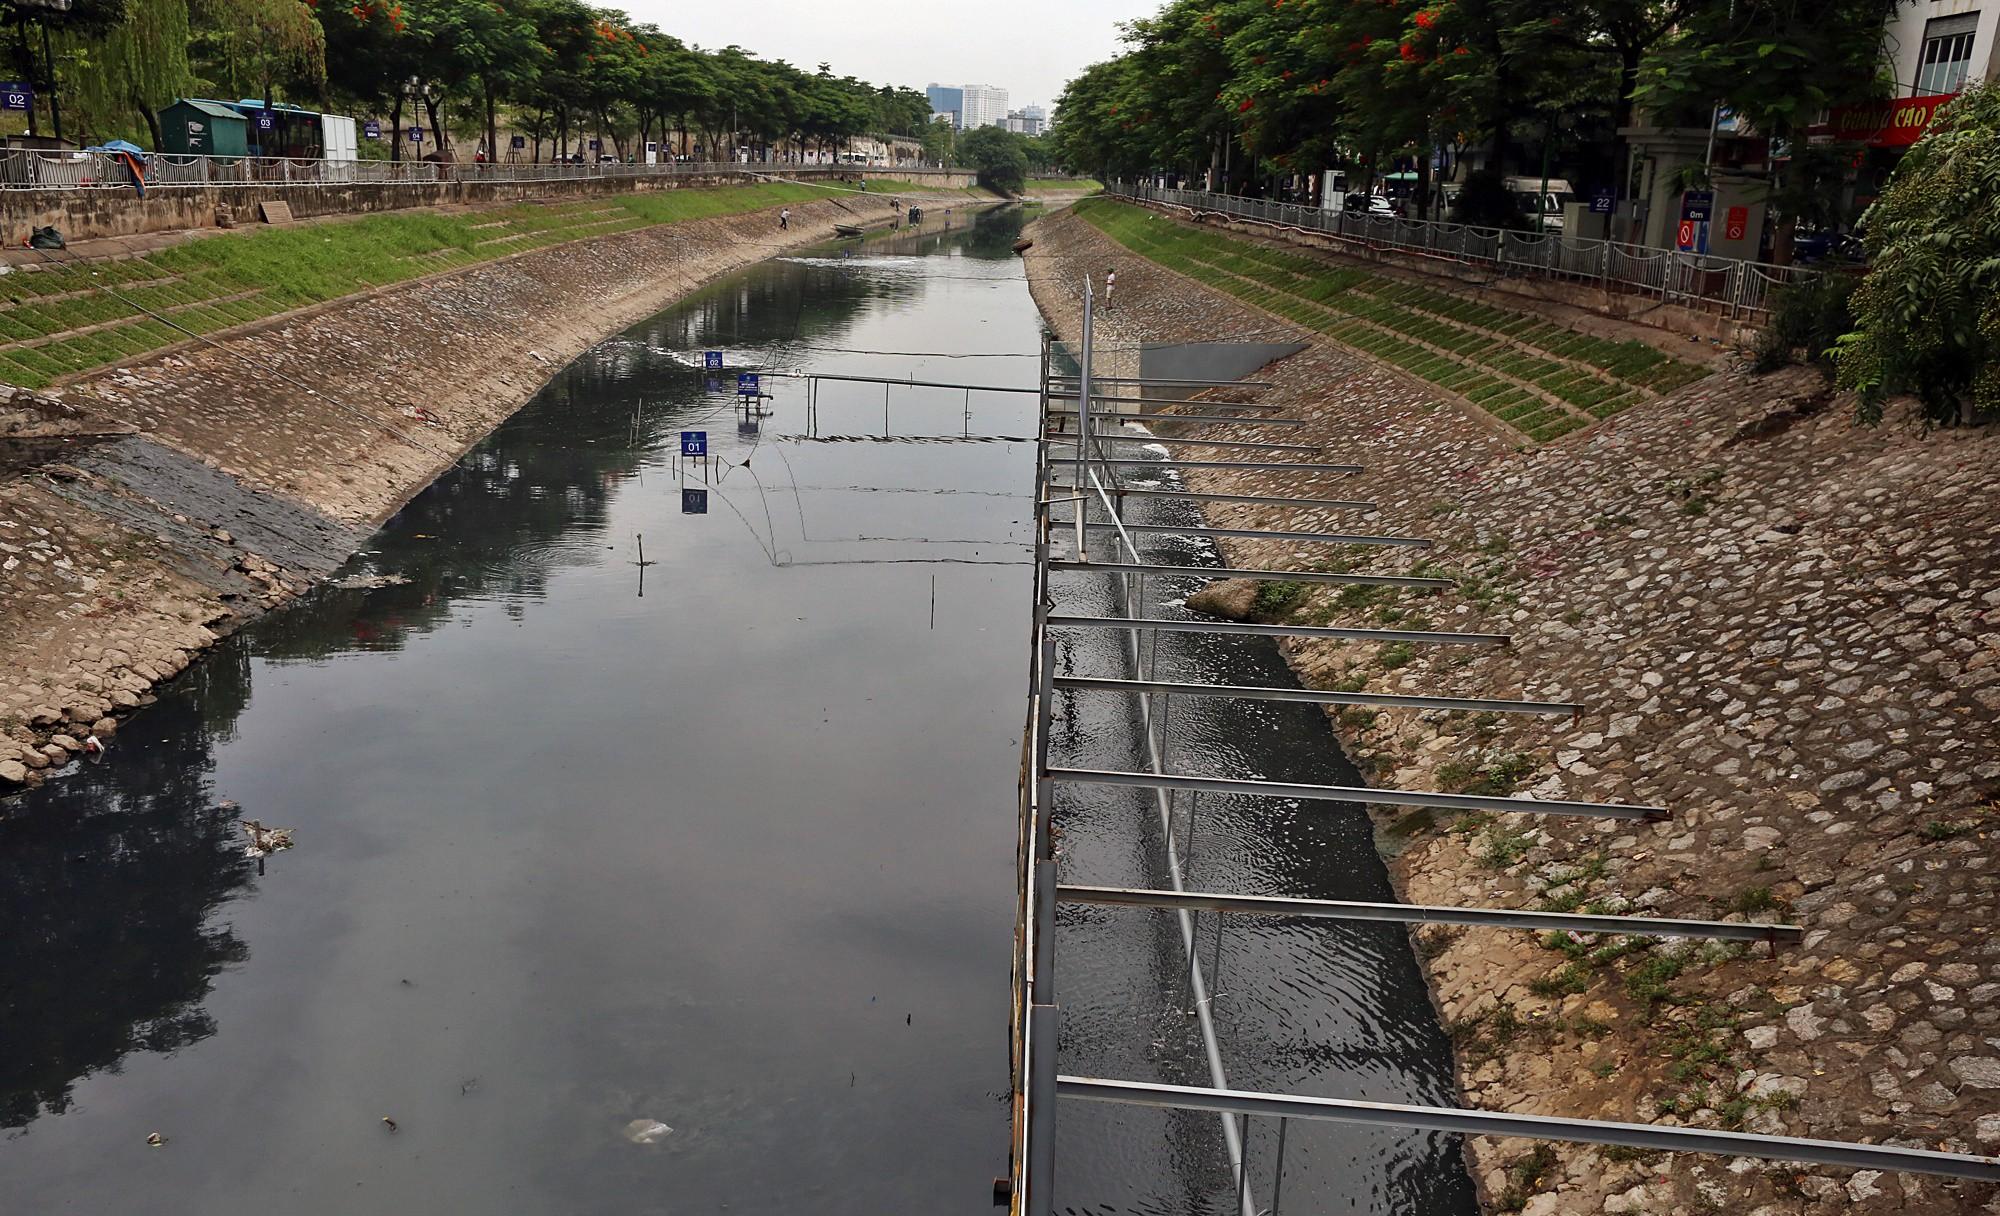 Khu vực trình diễn xử lý bùn thành CO2 và nước quây bằng rào sắt rộng chùng 70m2 vẫn hoạt động bình thường.